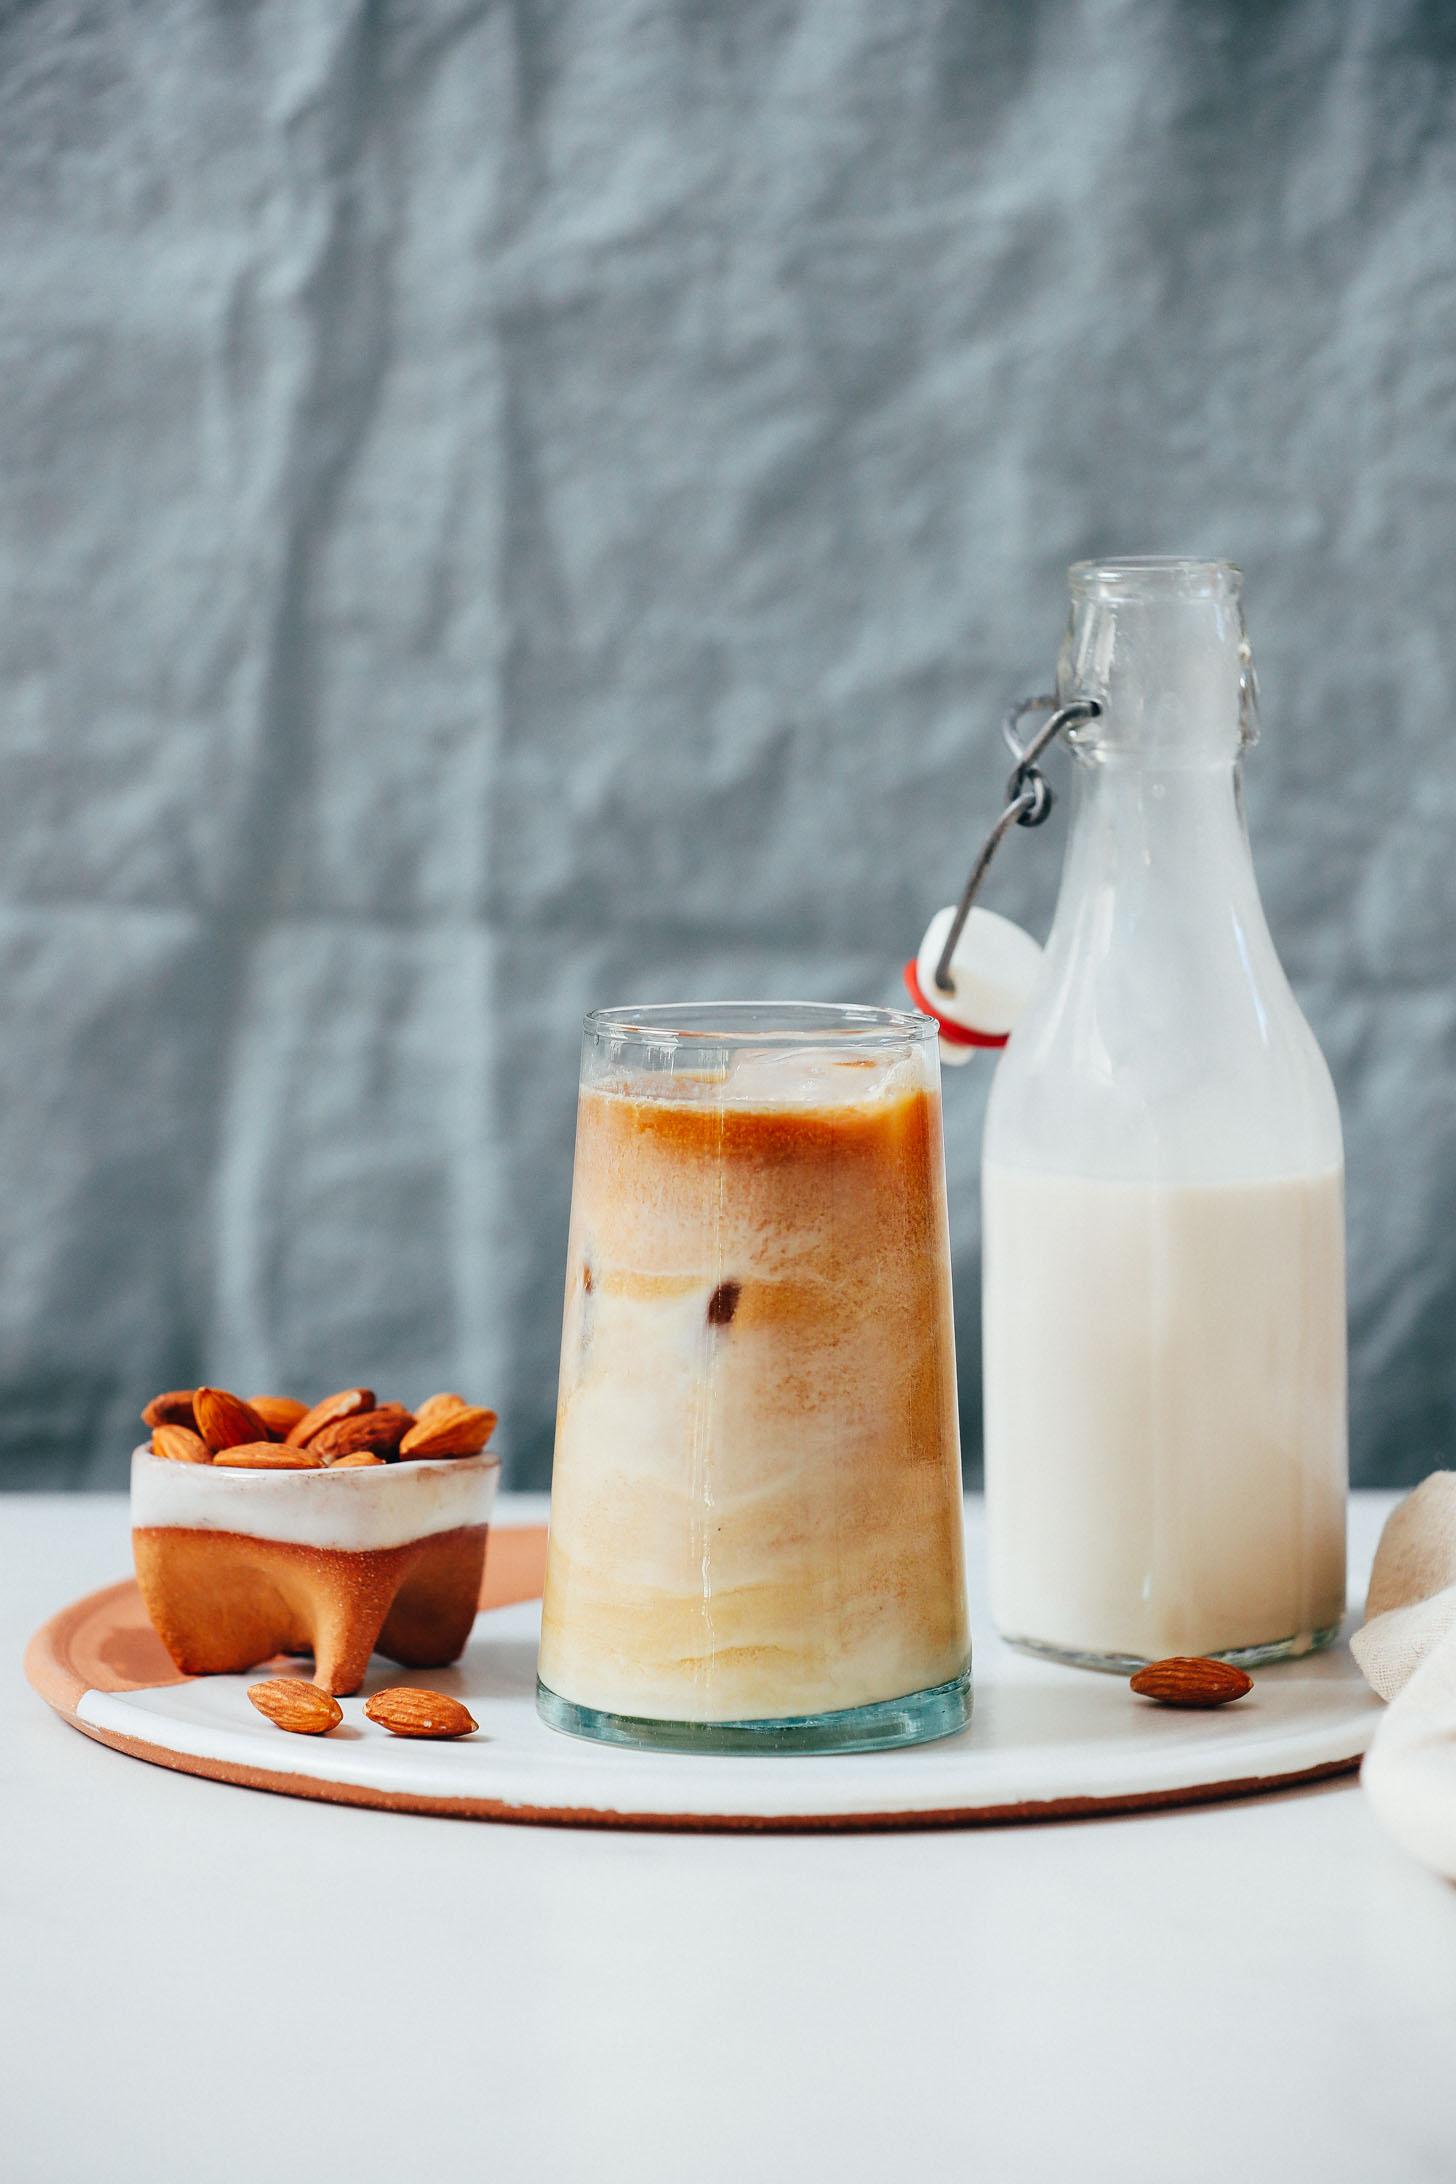 Tigela de amêndoas ao lado de um café gelado e recipiente de creme de leite com amêndoa